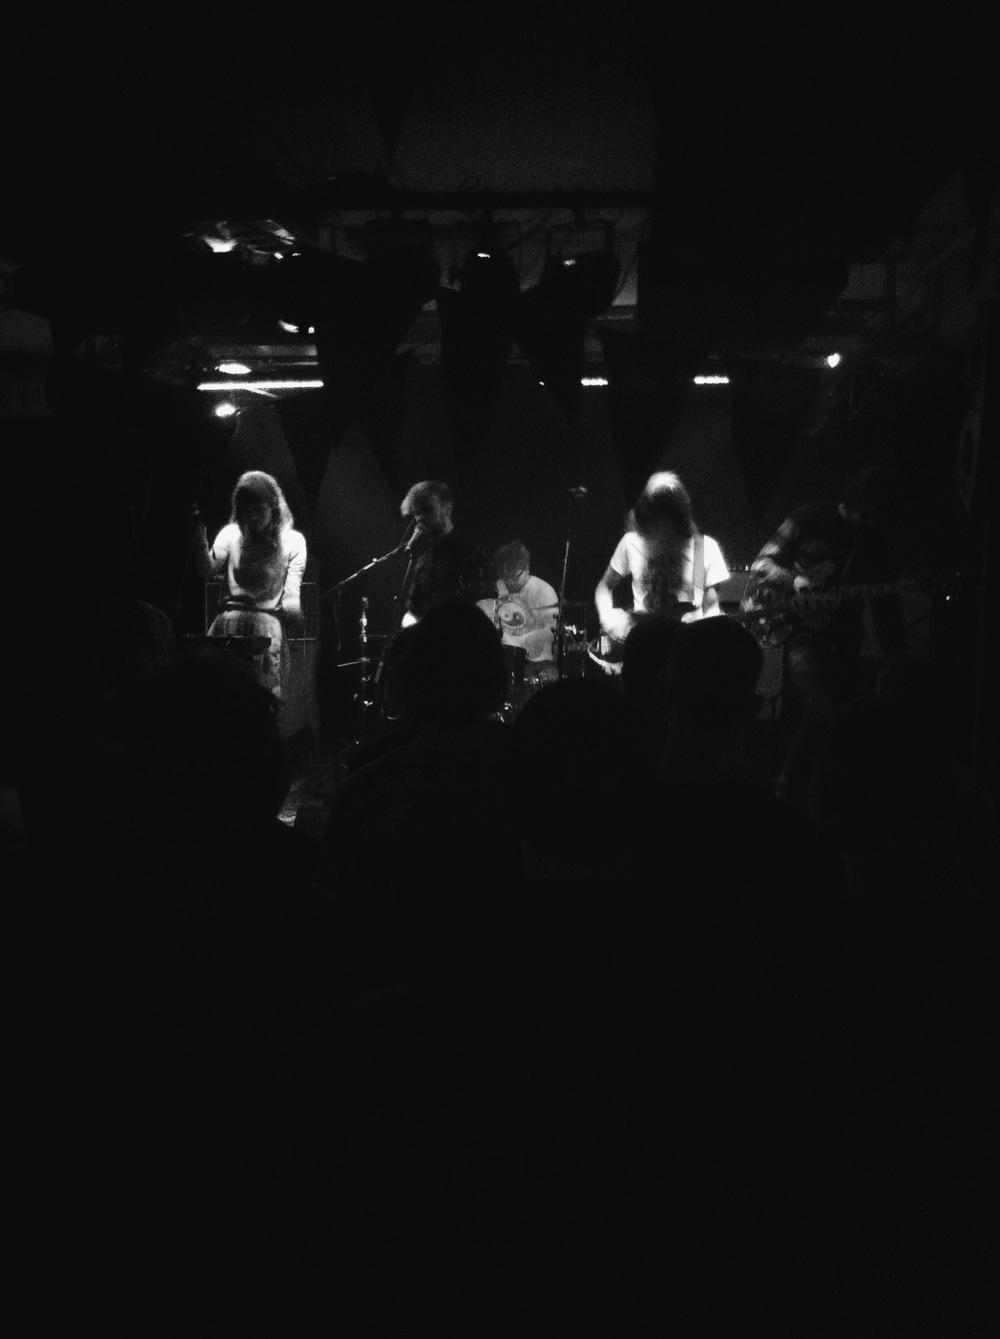 Oyama performing at Hurra